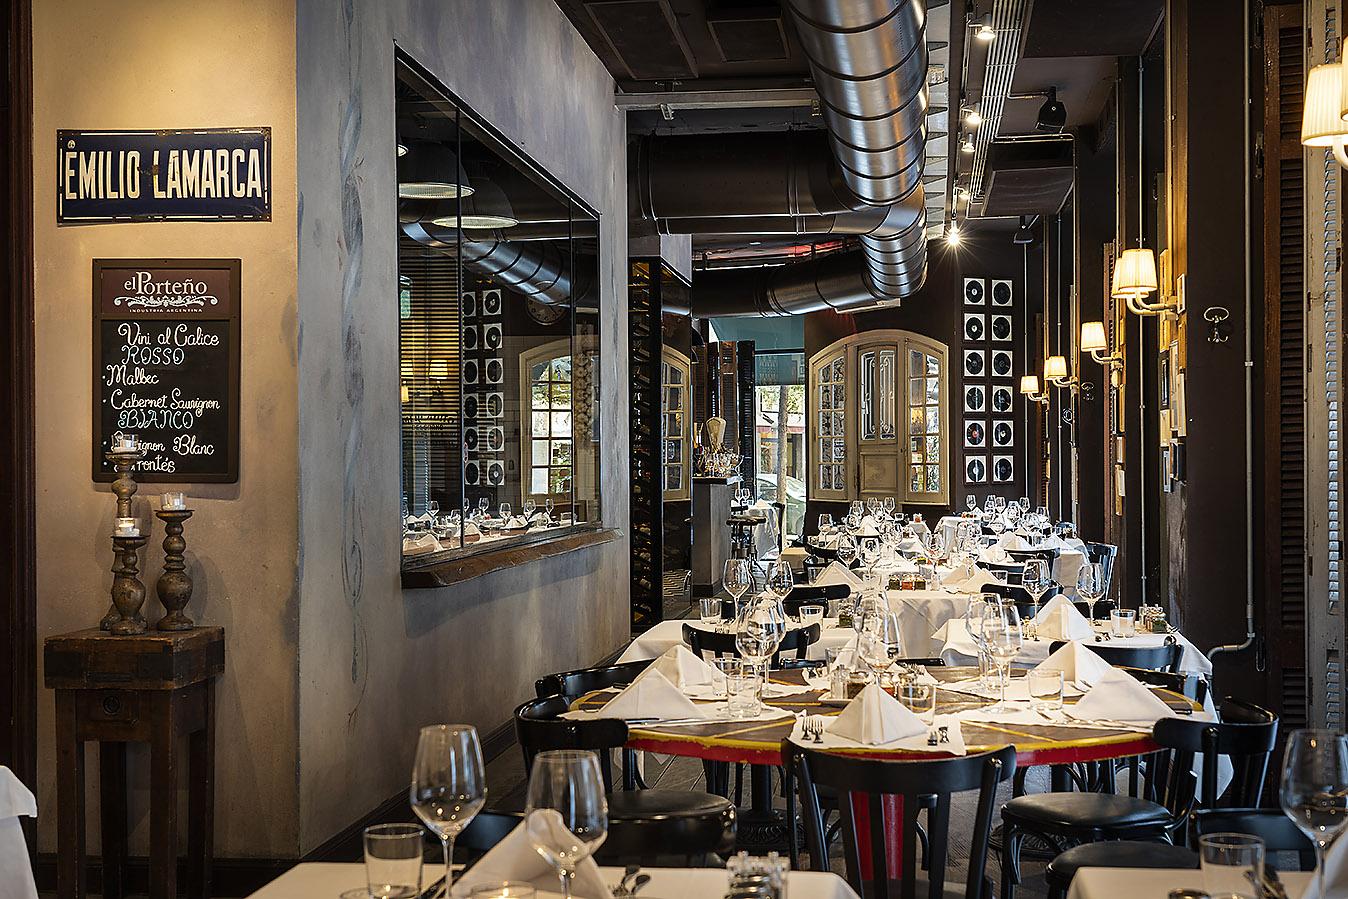 el porteno ristorante 02